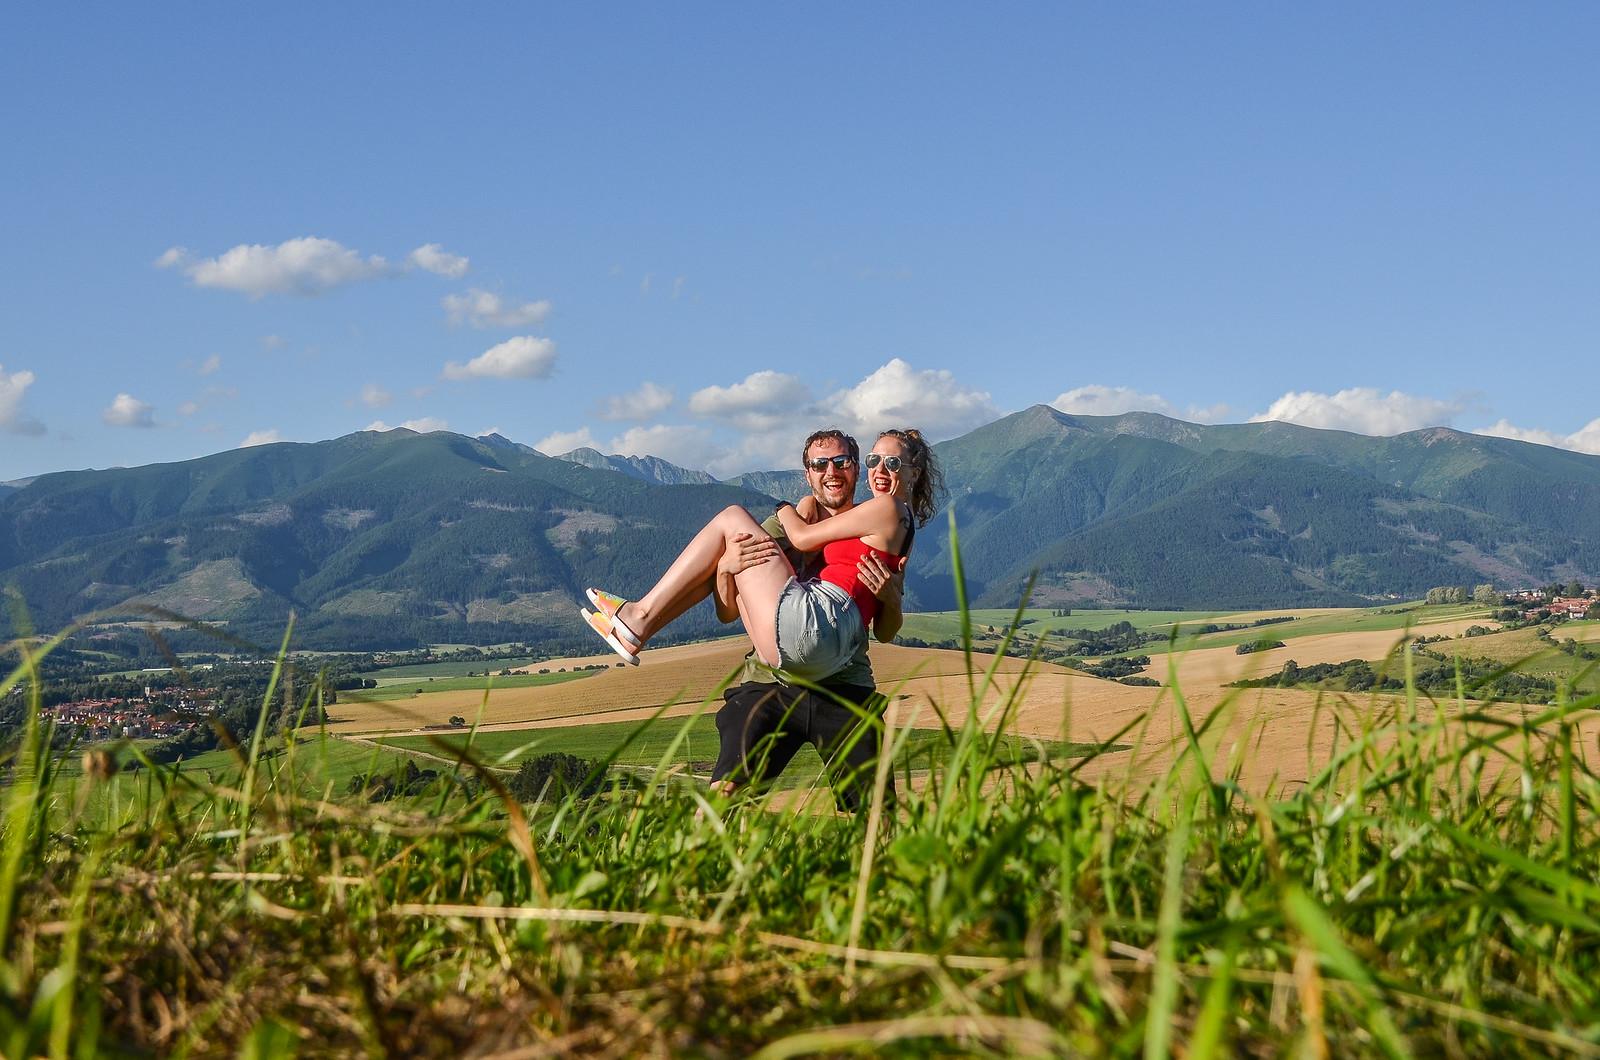 Vacationing in Slovakia